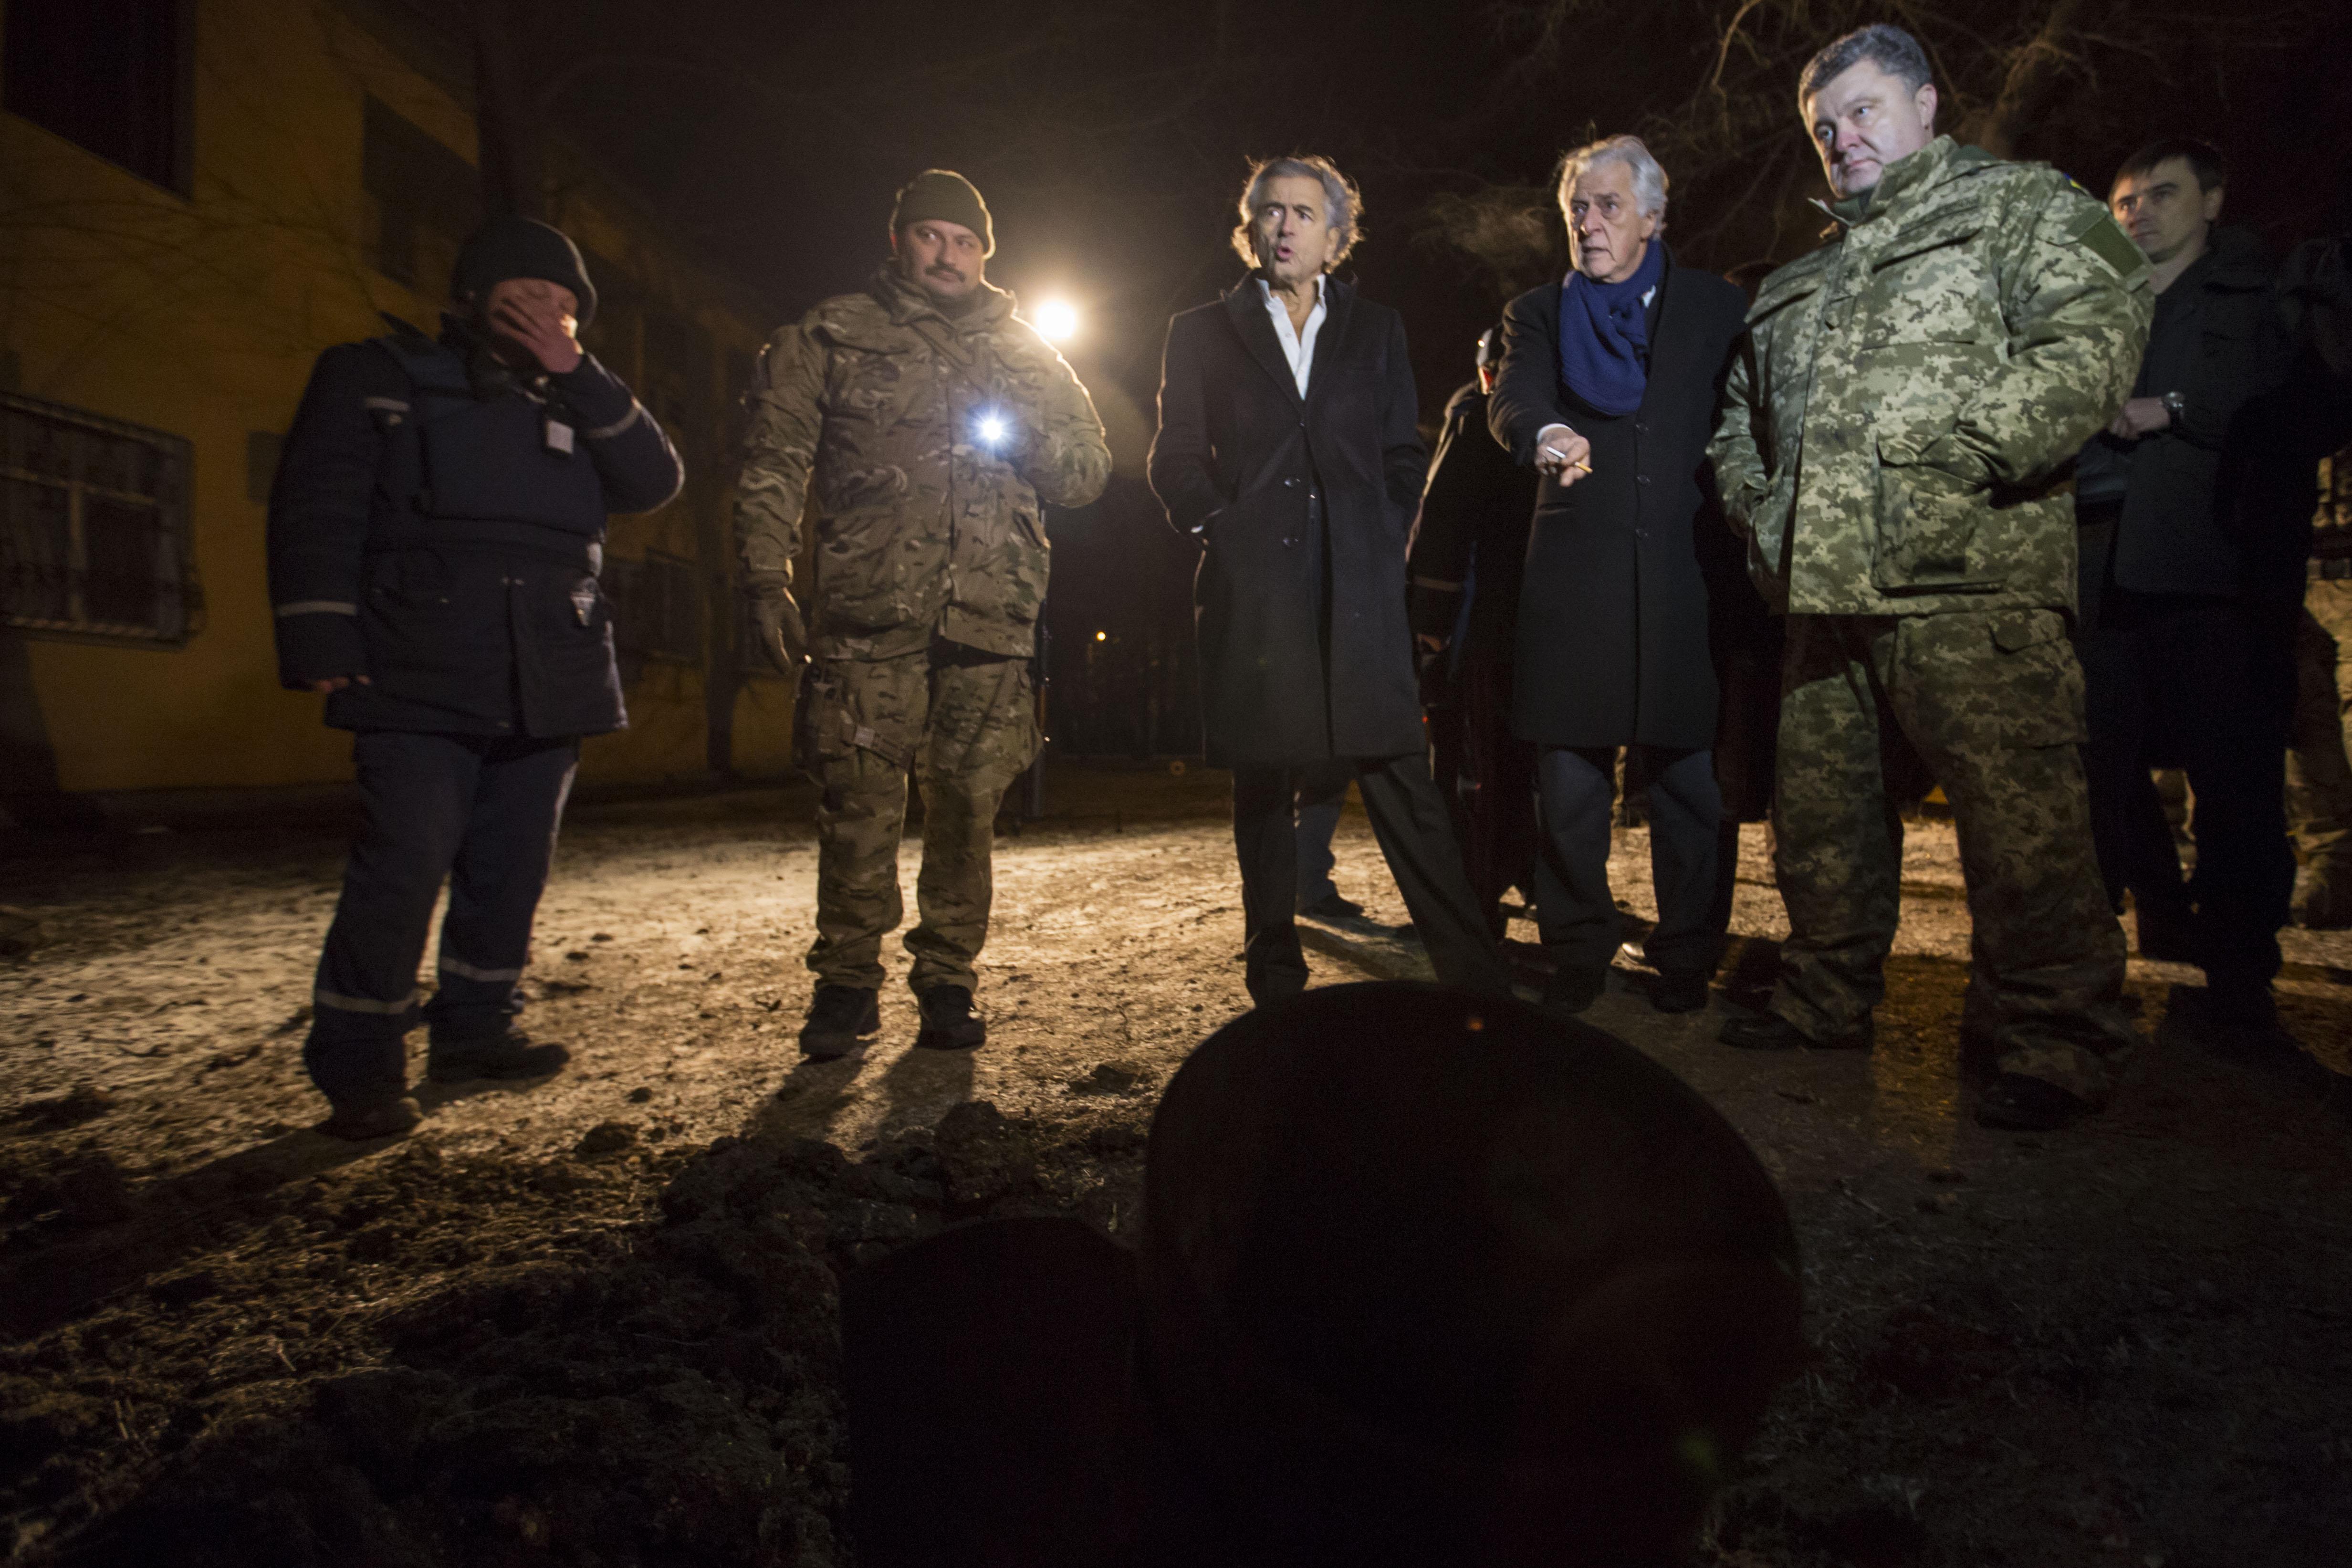 Porochenko_Kramatorsk_Bernard-Henri-Levy-Ukraine